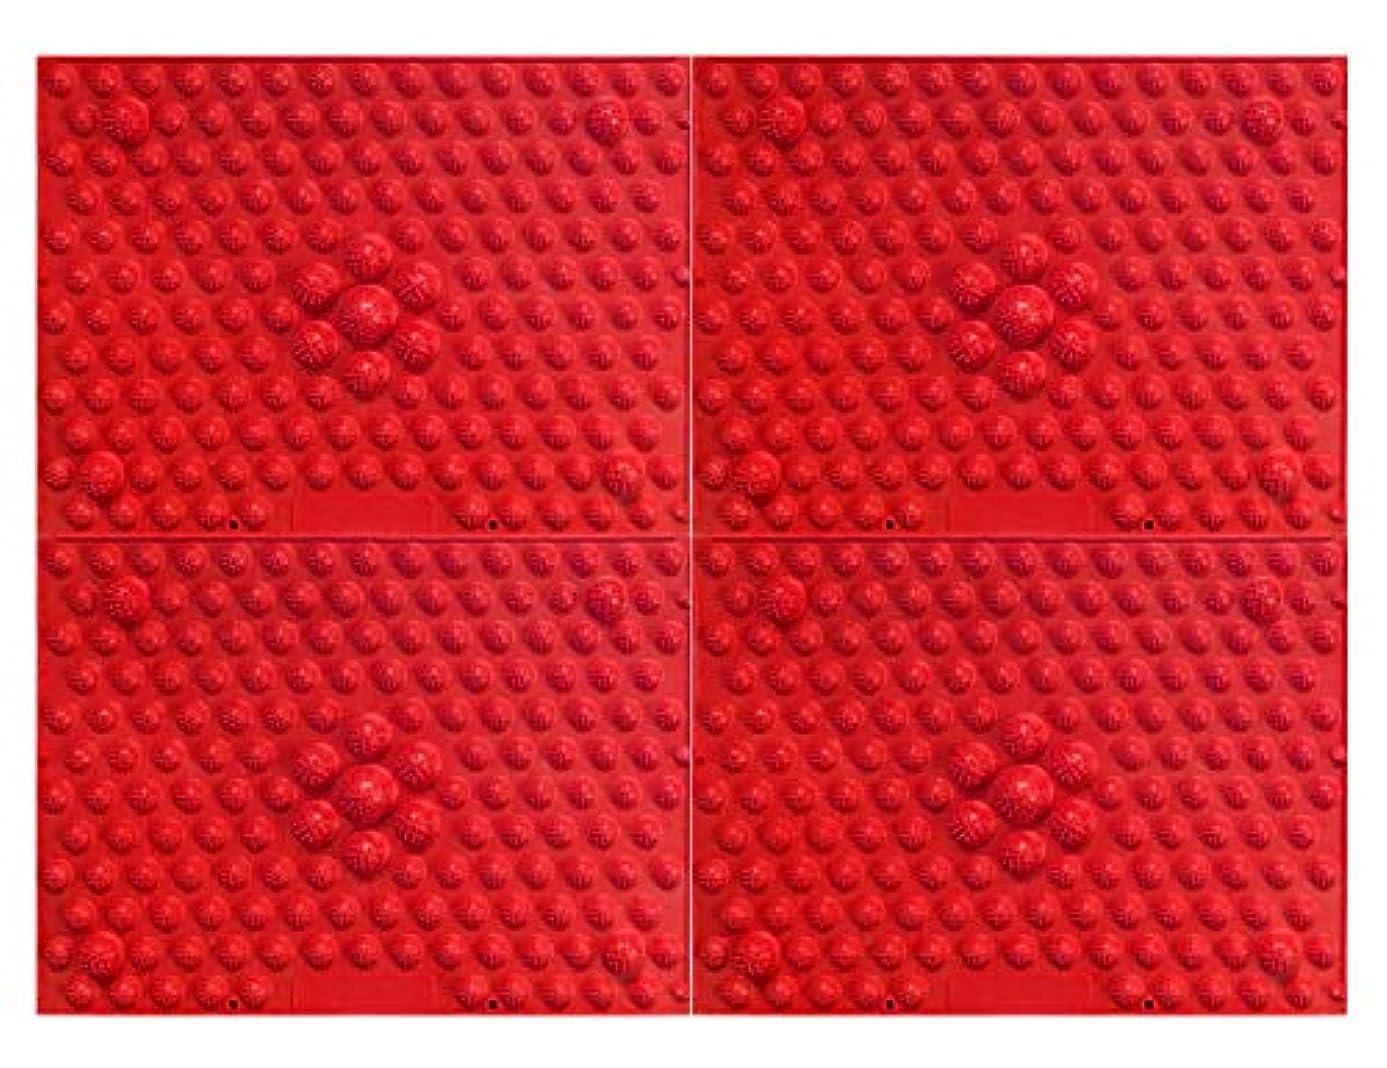 霧スーパーサスティーン縦横自由自在足踏みマット4枚セット (赤)